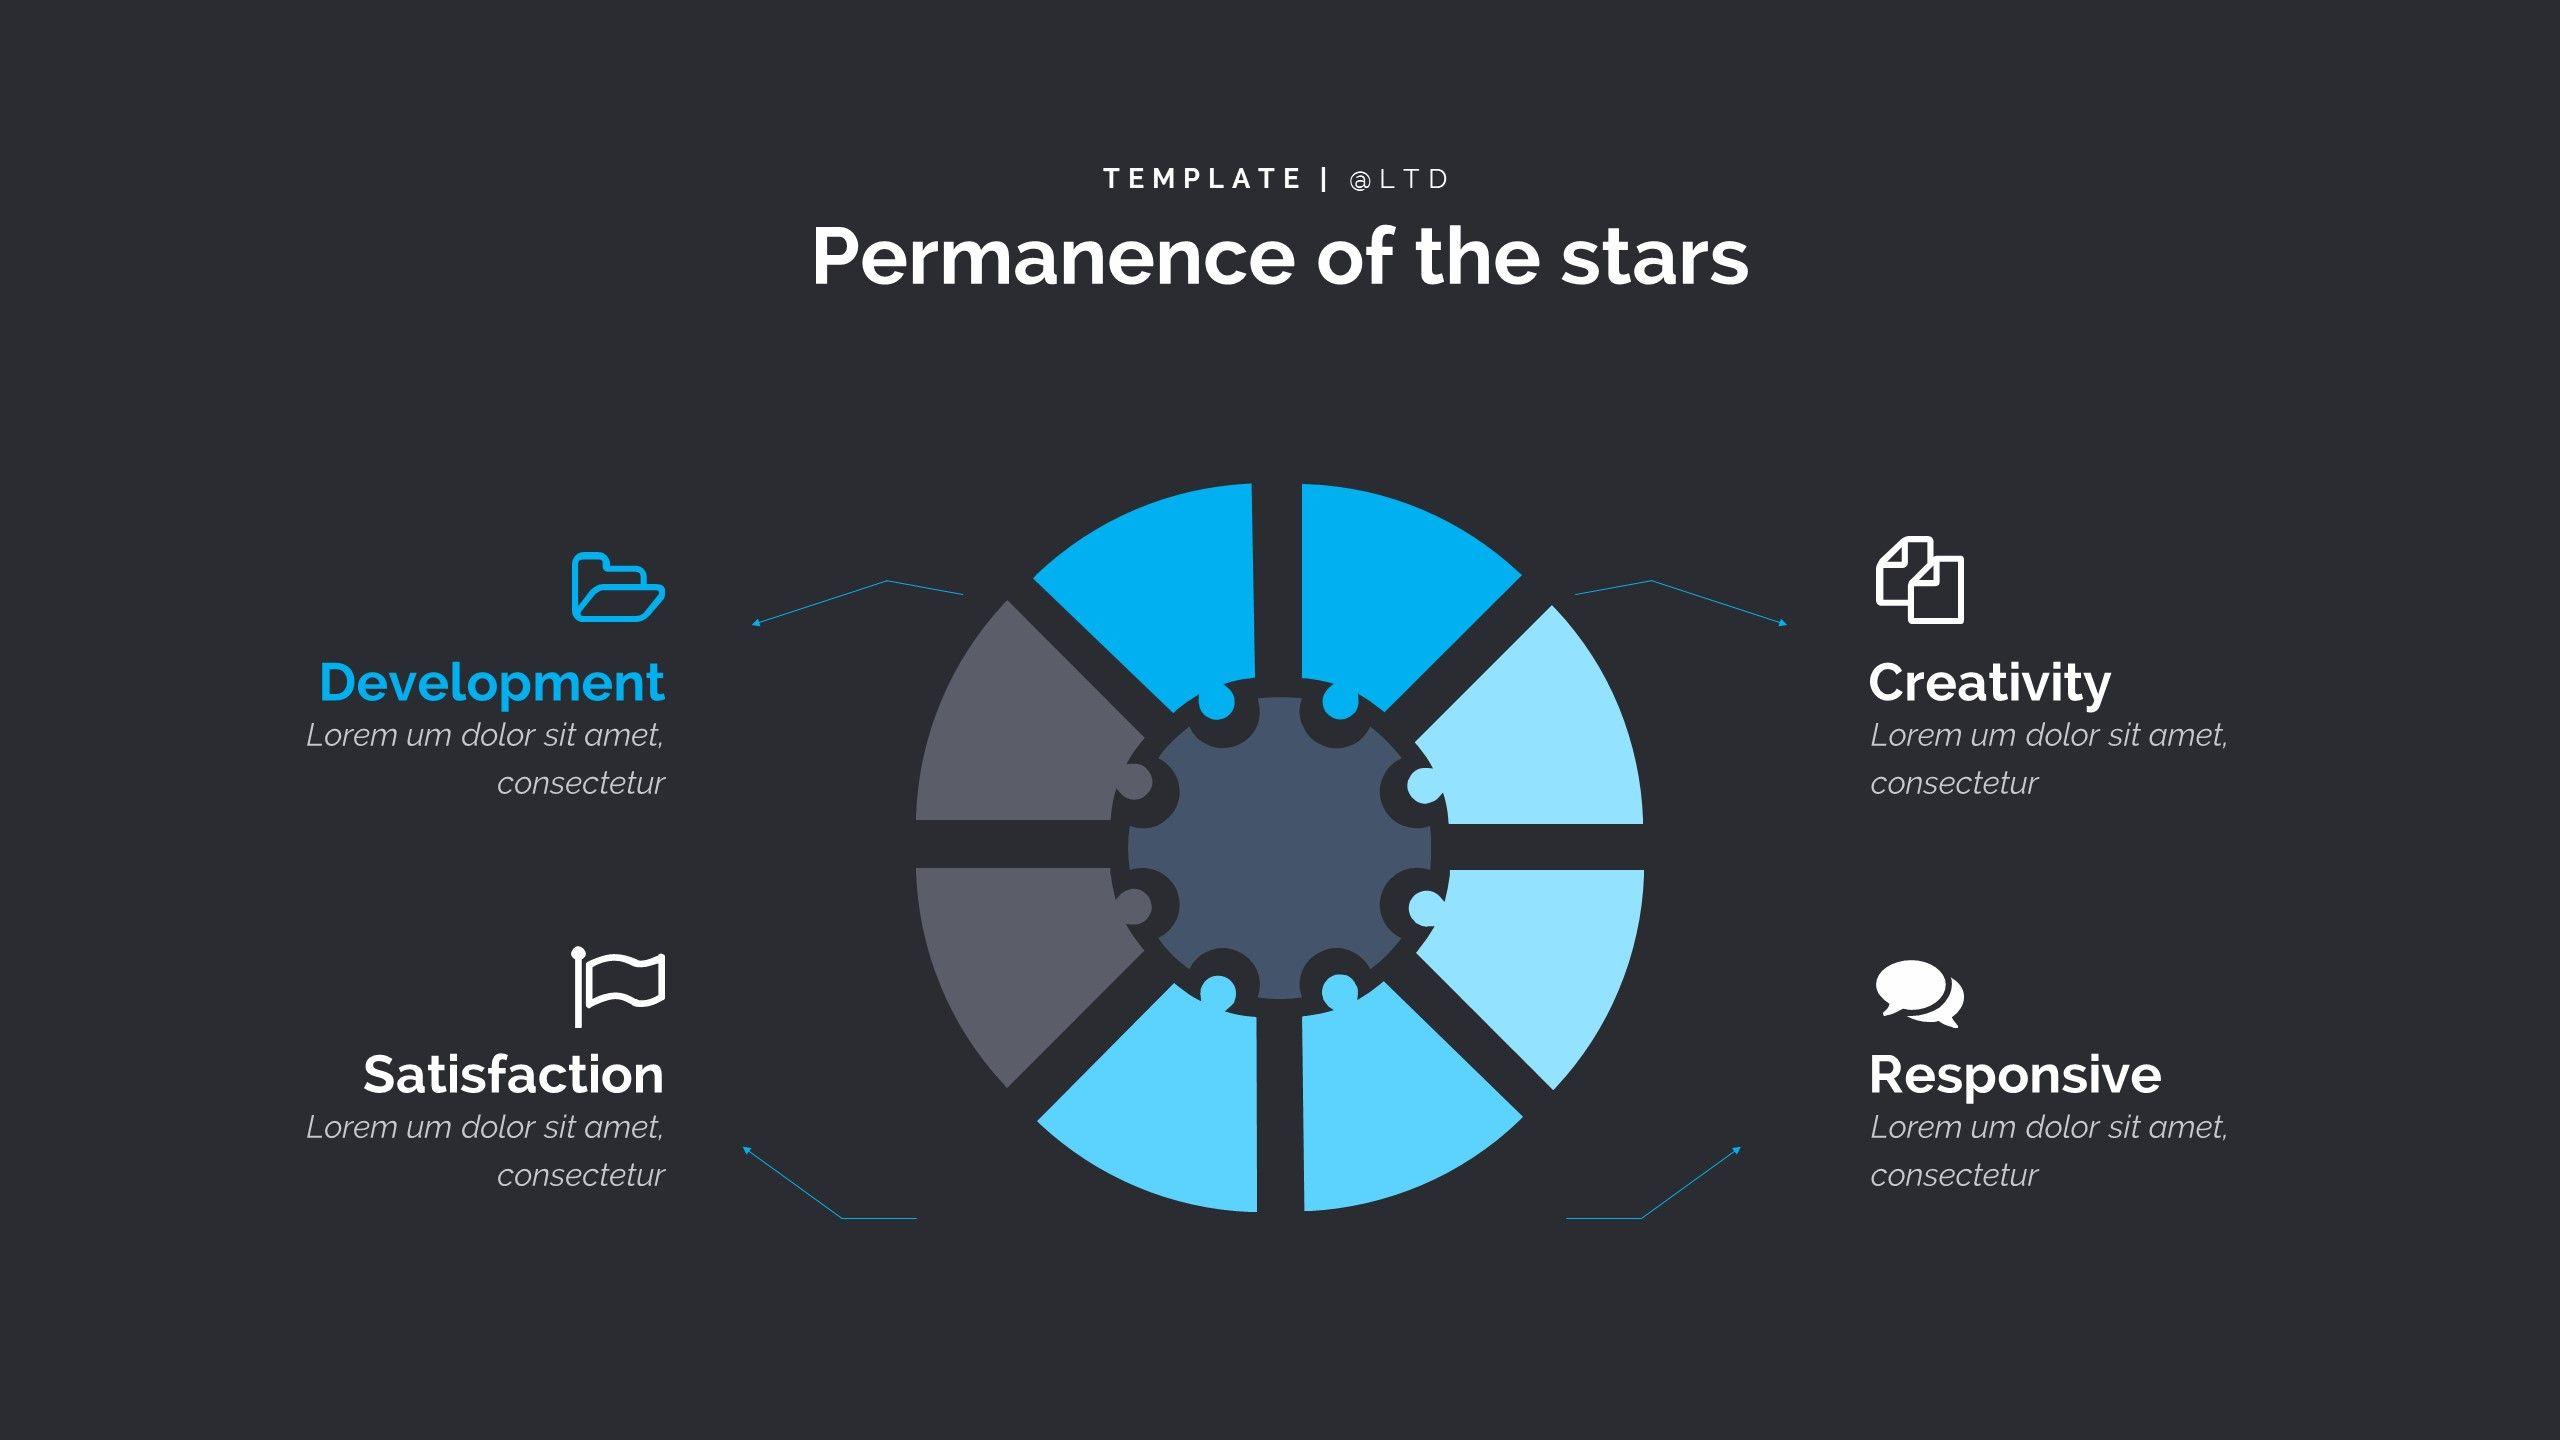 3 in 1 business jun 14 premium bundle keynote template